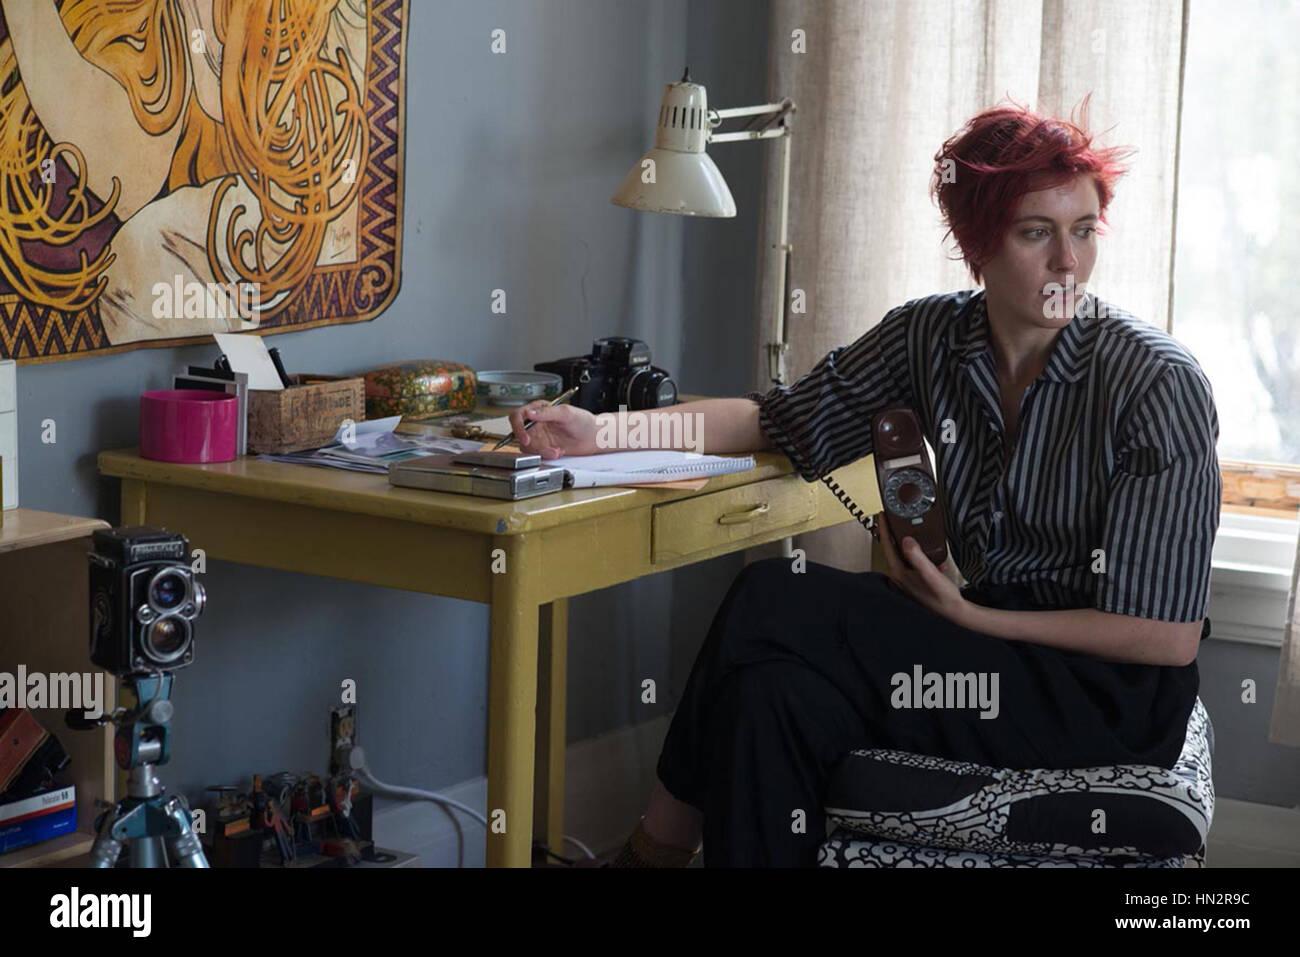 Las mujeres del siglo XX (2016) greta gerwig Mike Mills (dir) annapurna pictures/moviestore colección ltd Imagen De Stock